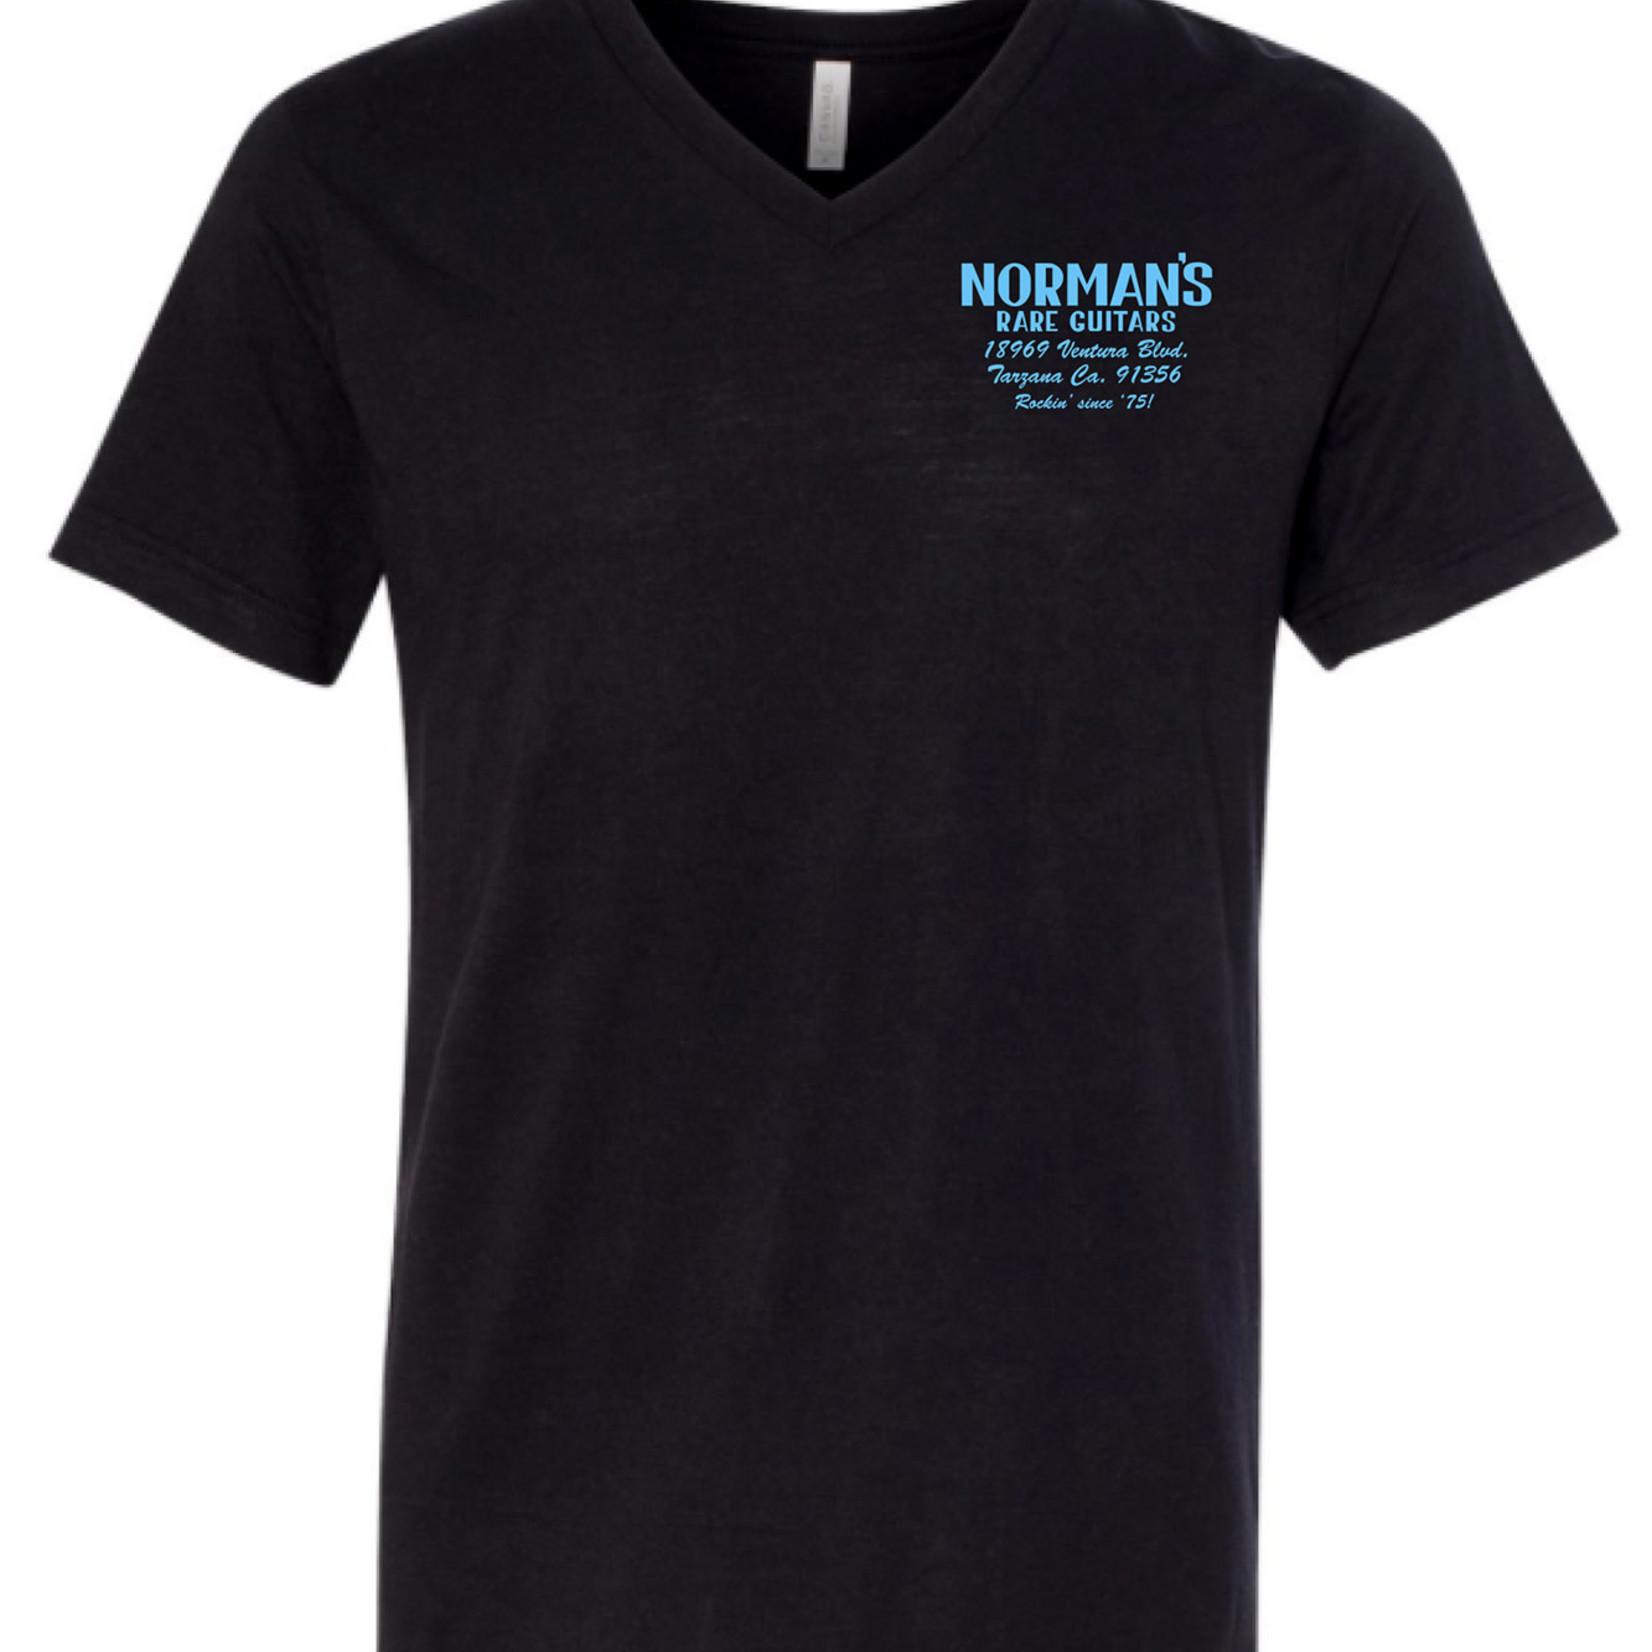 Norman's Rare Guitars Black V-Neck T-Shirt